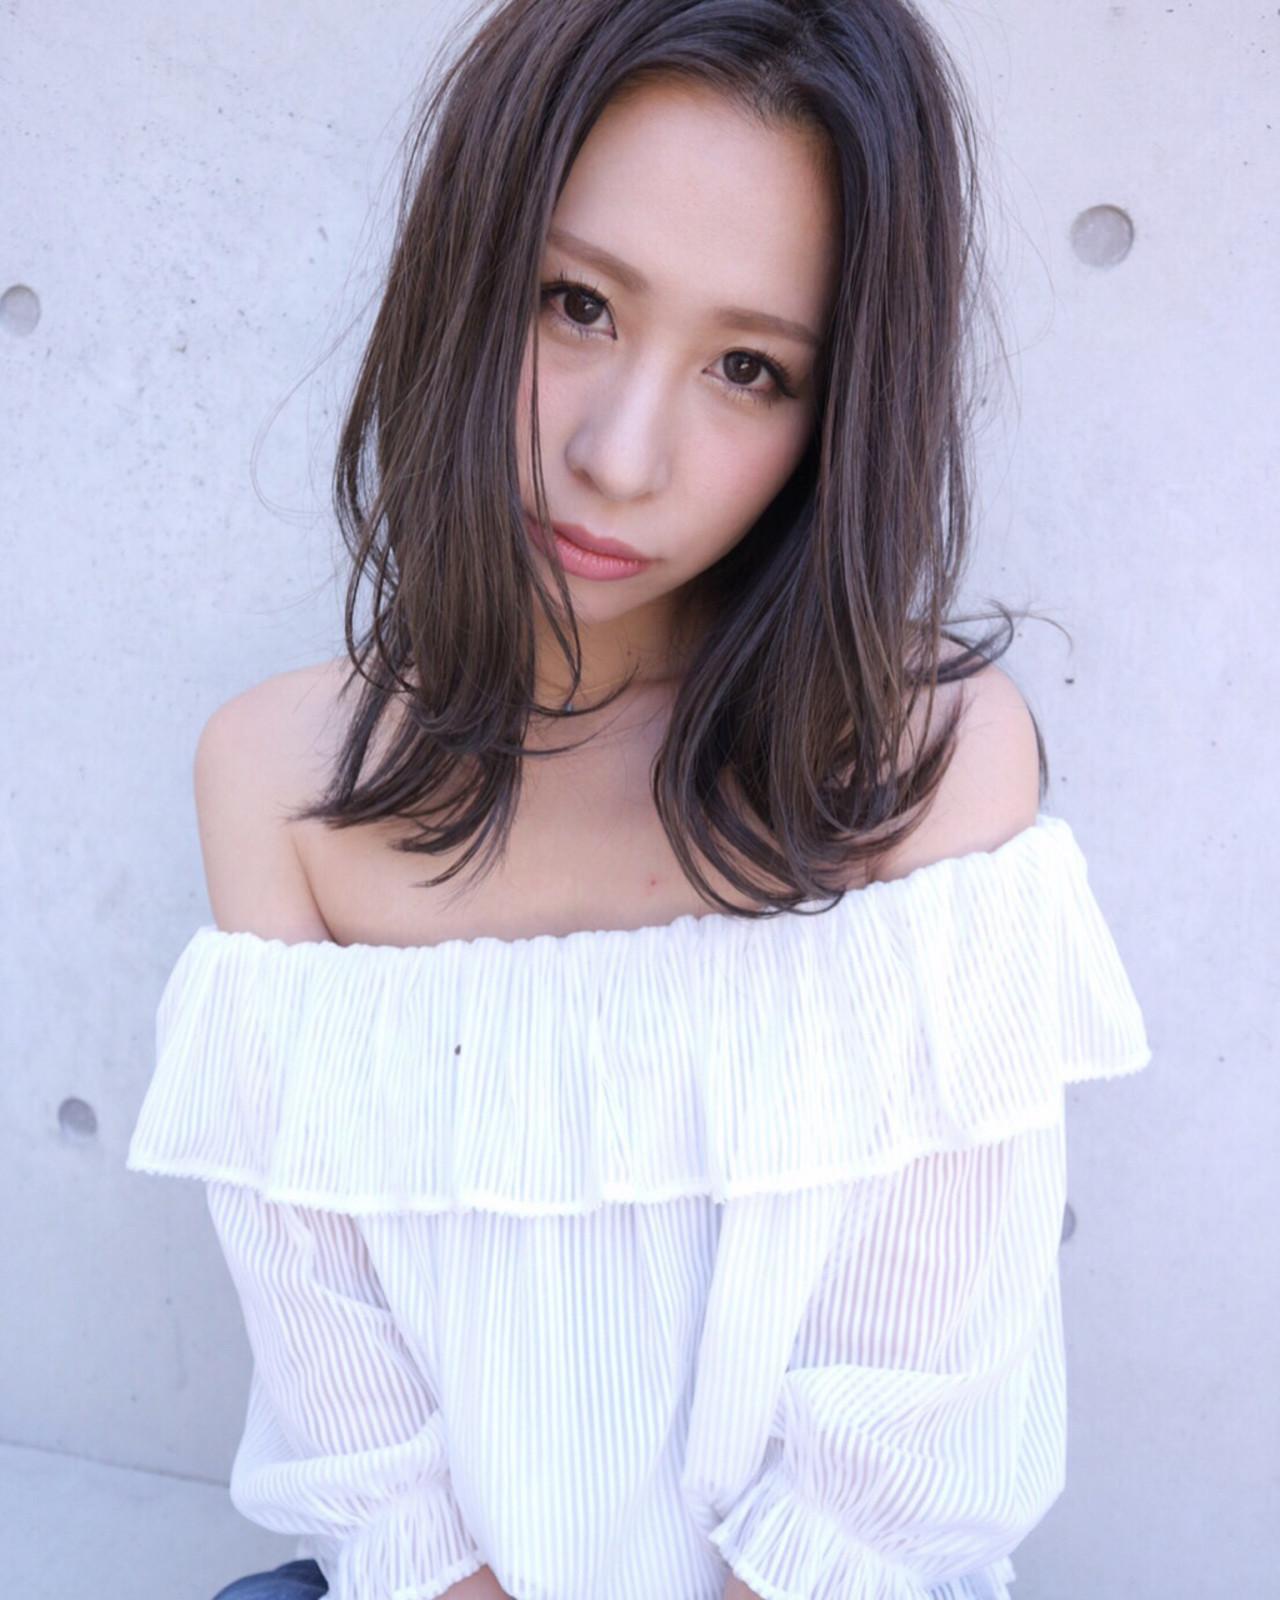 【顔型診断】顔の形で分かる!自分に似合う髪型って何?♡ Takashi Tetone | 1sT